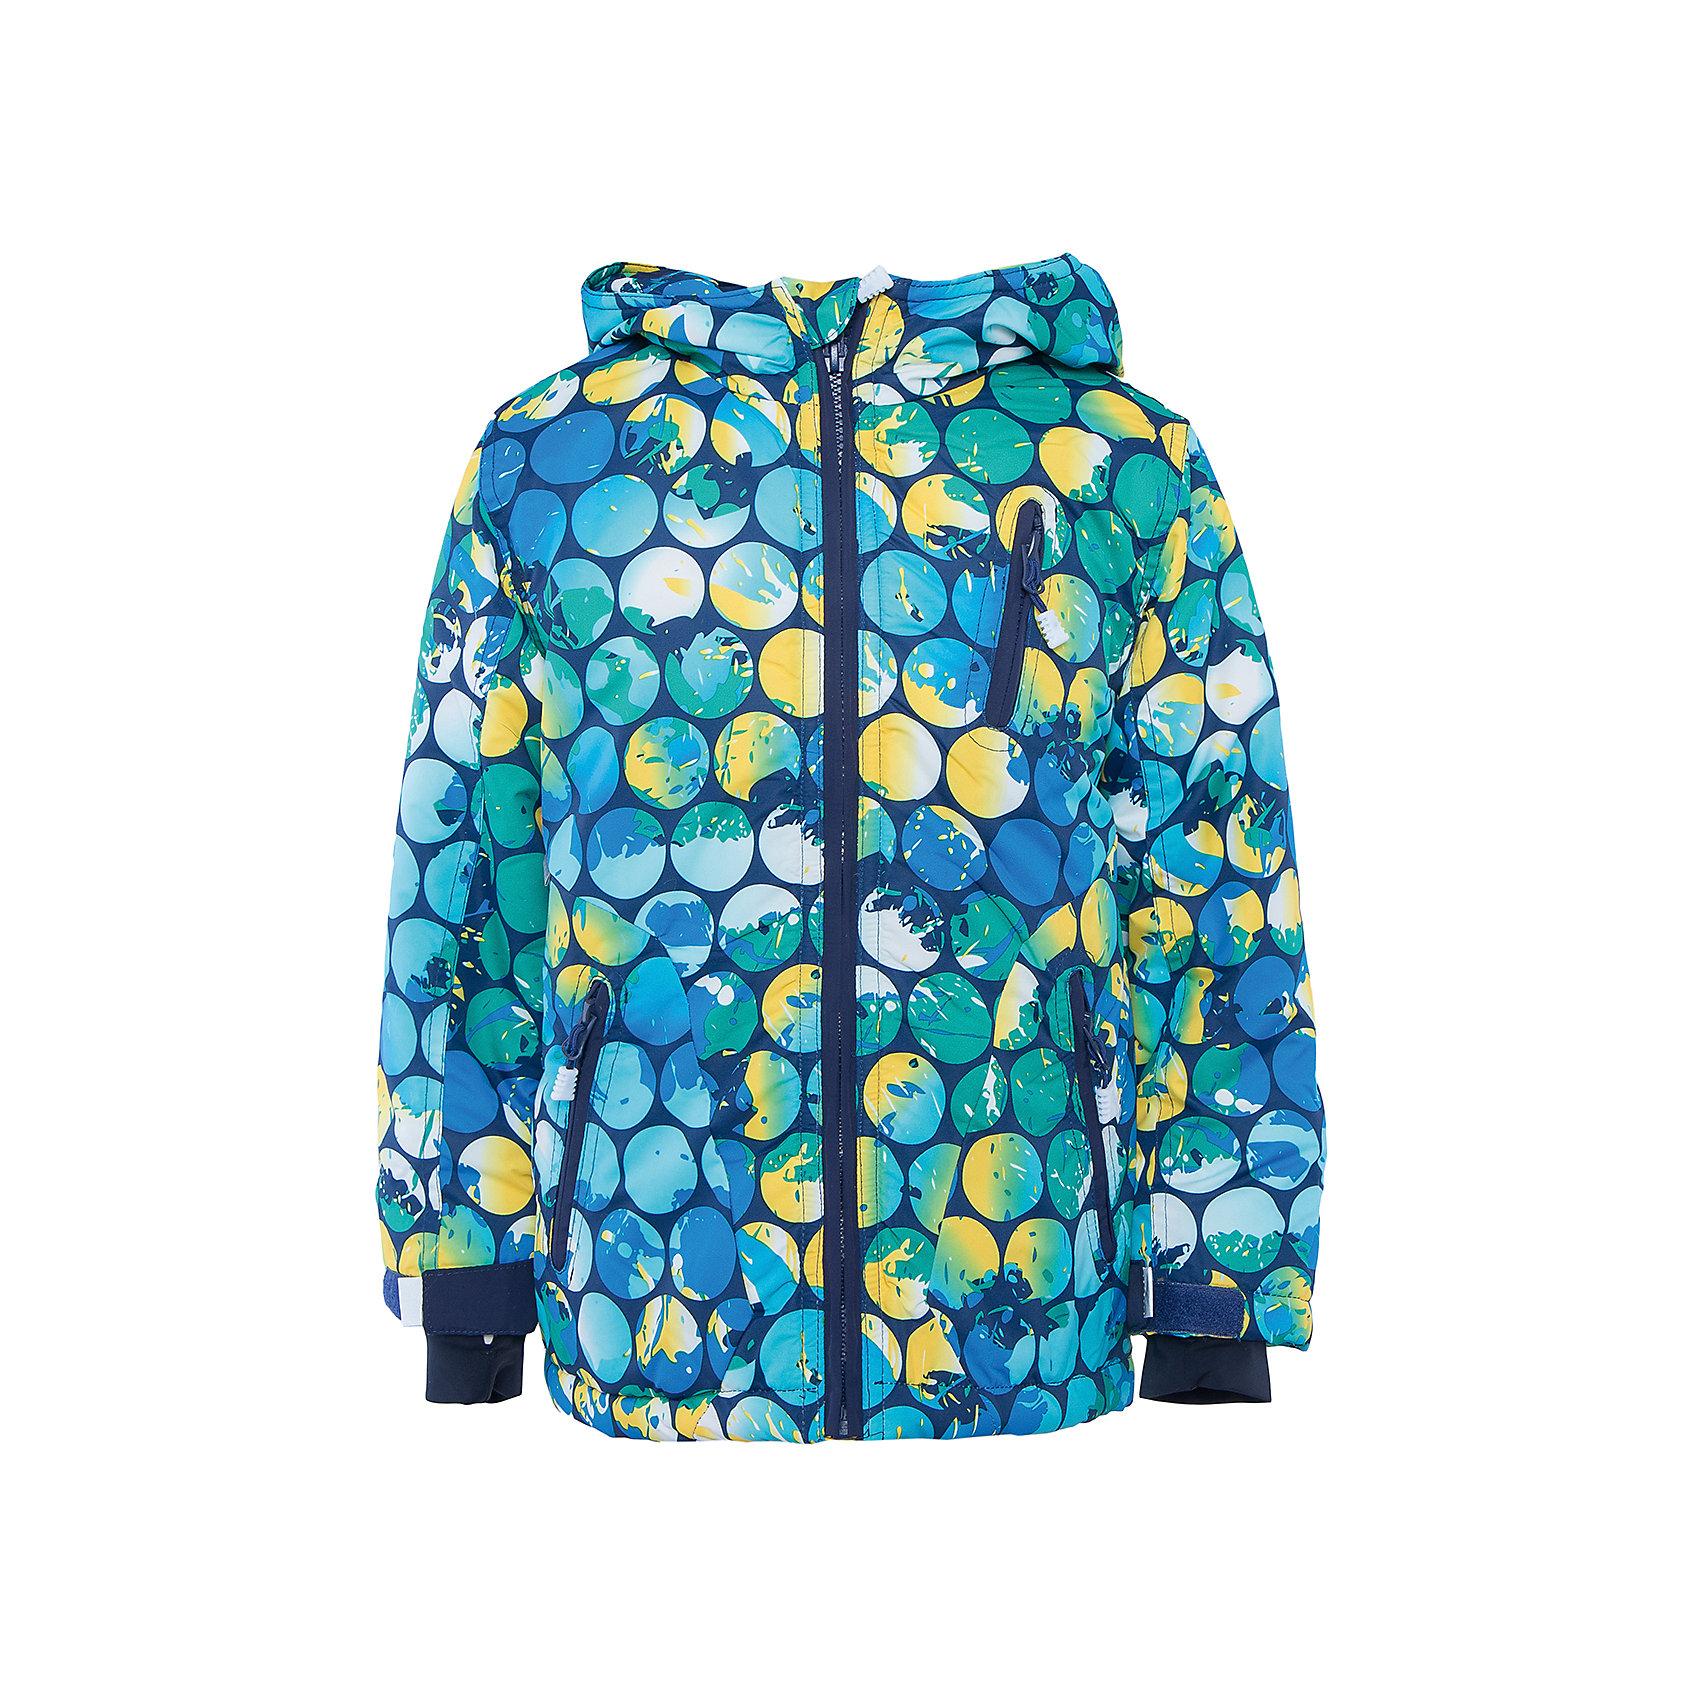 Куртка для мальчика PlayTodayВерхняя одежда<br>Куртка для мальчика от известного бренда PlayToday.<br>Мягкая и теплая стеганая куртка. Внутри уютная флисвоая подкладка. Украшена ярким стильным принтом с неоновым эффектом. Застегивается на молнию с защитой подбородка, есть внутренняя ветрозащитная планка. Внизу есть специальная вставка на резинке, пристегнув которую вы надежно защитите малыша от снега. Капюшон утягивается стопперами, есть два кармана на молнии.  На рукавах дополнительные трикотажные манжеты-полуварежки с отверствием для большого пальца, которые обеспечивают защиту от ветра и снега.<br>Состав:<br>Верх: 100% полиэстер, Подкладка: 100% полиэстер, Наполнитель: 100% полиэстер, 300 г/м2<br><br>Ширина мм: 356<br>Глубина мм: 10<br>Высота мм: 245<br>Вес г: 519<br>Цвет: разноцветный<br>Возраст от месяцев: 24<br>Возраст до месяцев: 36<br>Пол: Мужской<br>Возраст: Детский<br>Размер: 98,122,104,128,116,110<br>SKU: 4898138